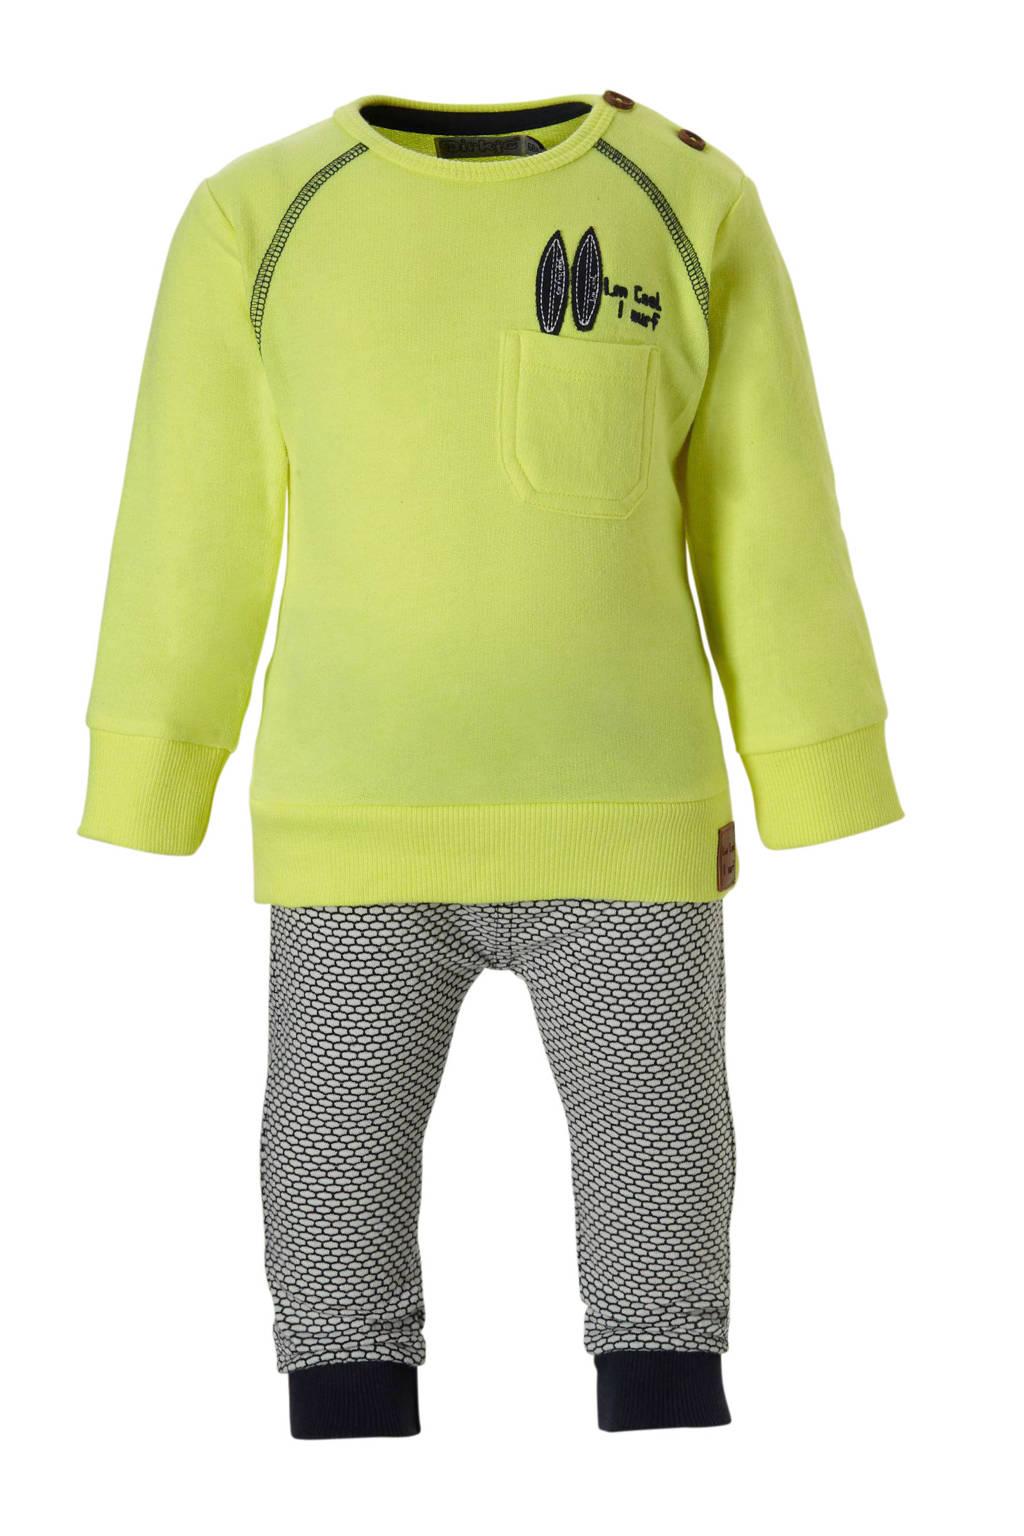 Dirkje newborn baby sweater + joggingbroek, Geel/ marine/ wit